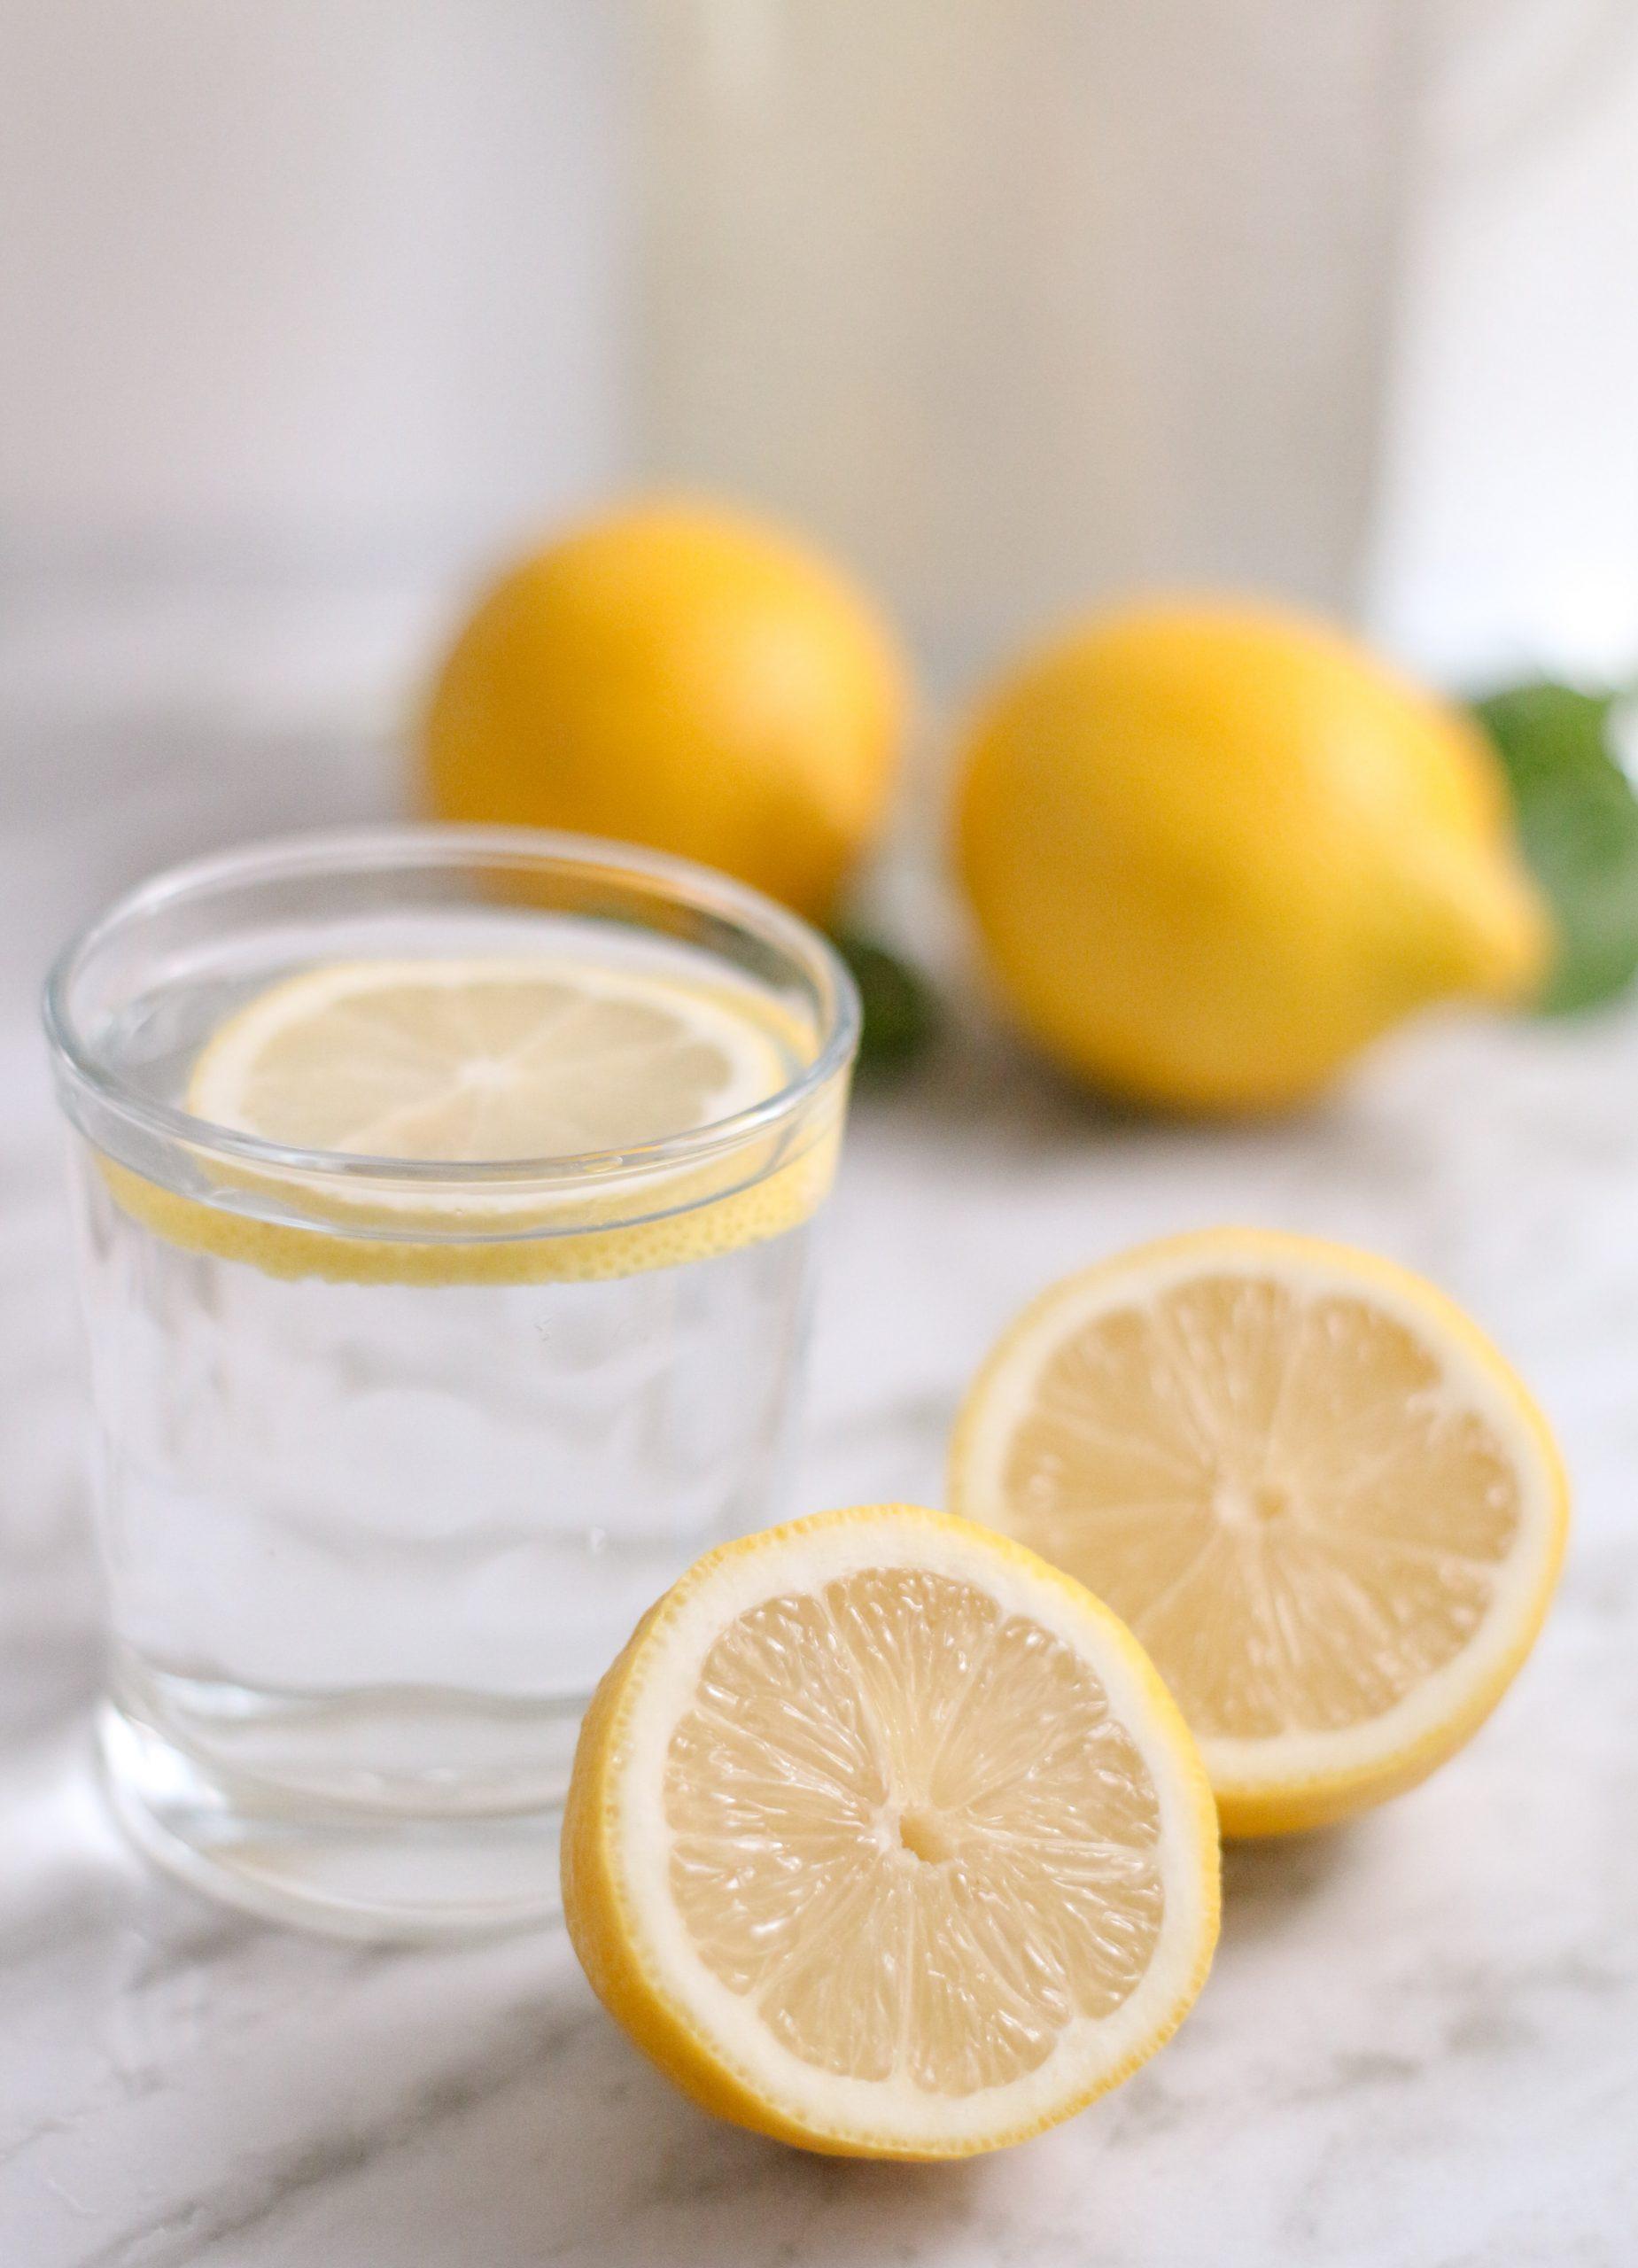 O poder do limão numa humilde xícara de chá